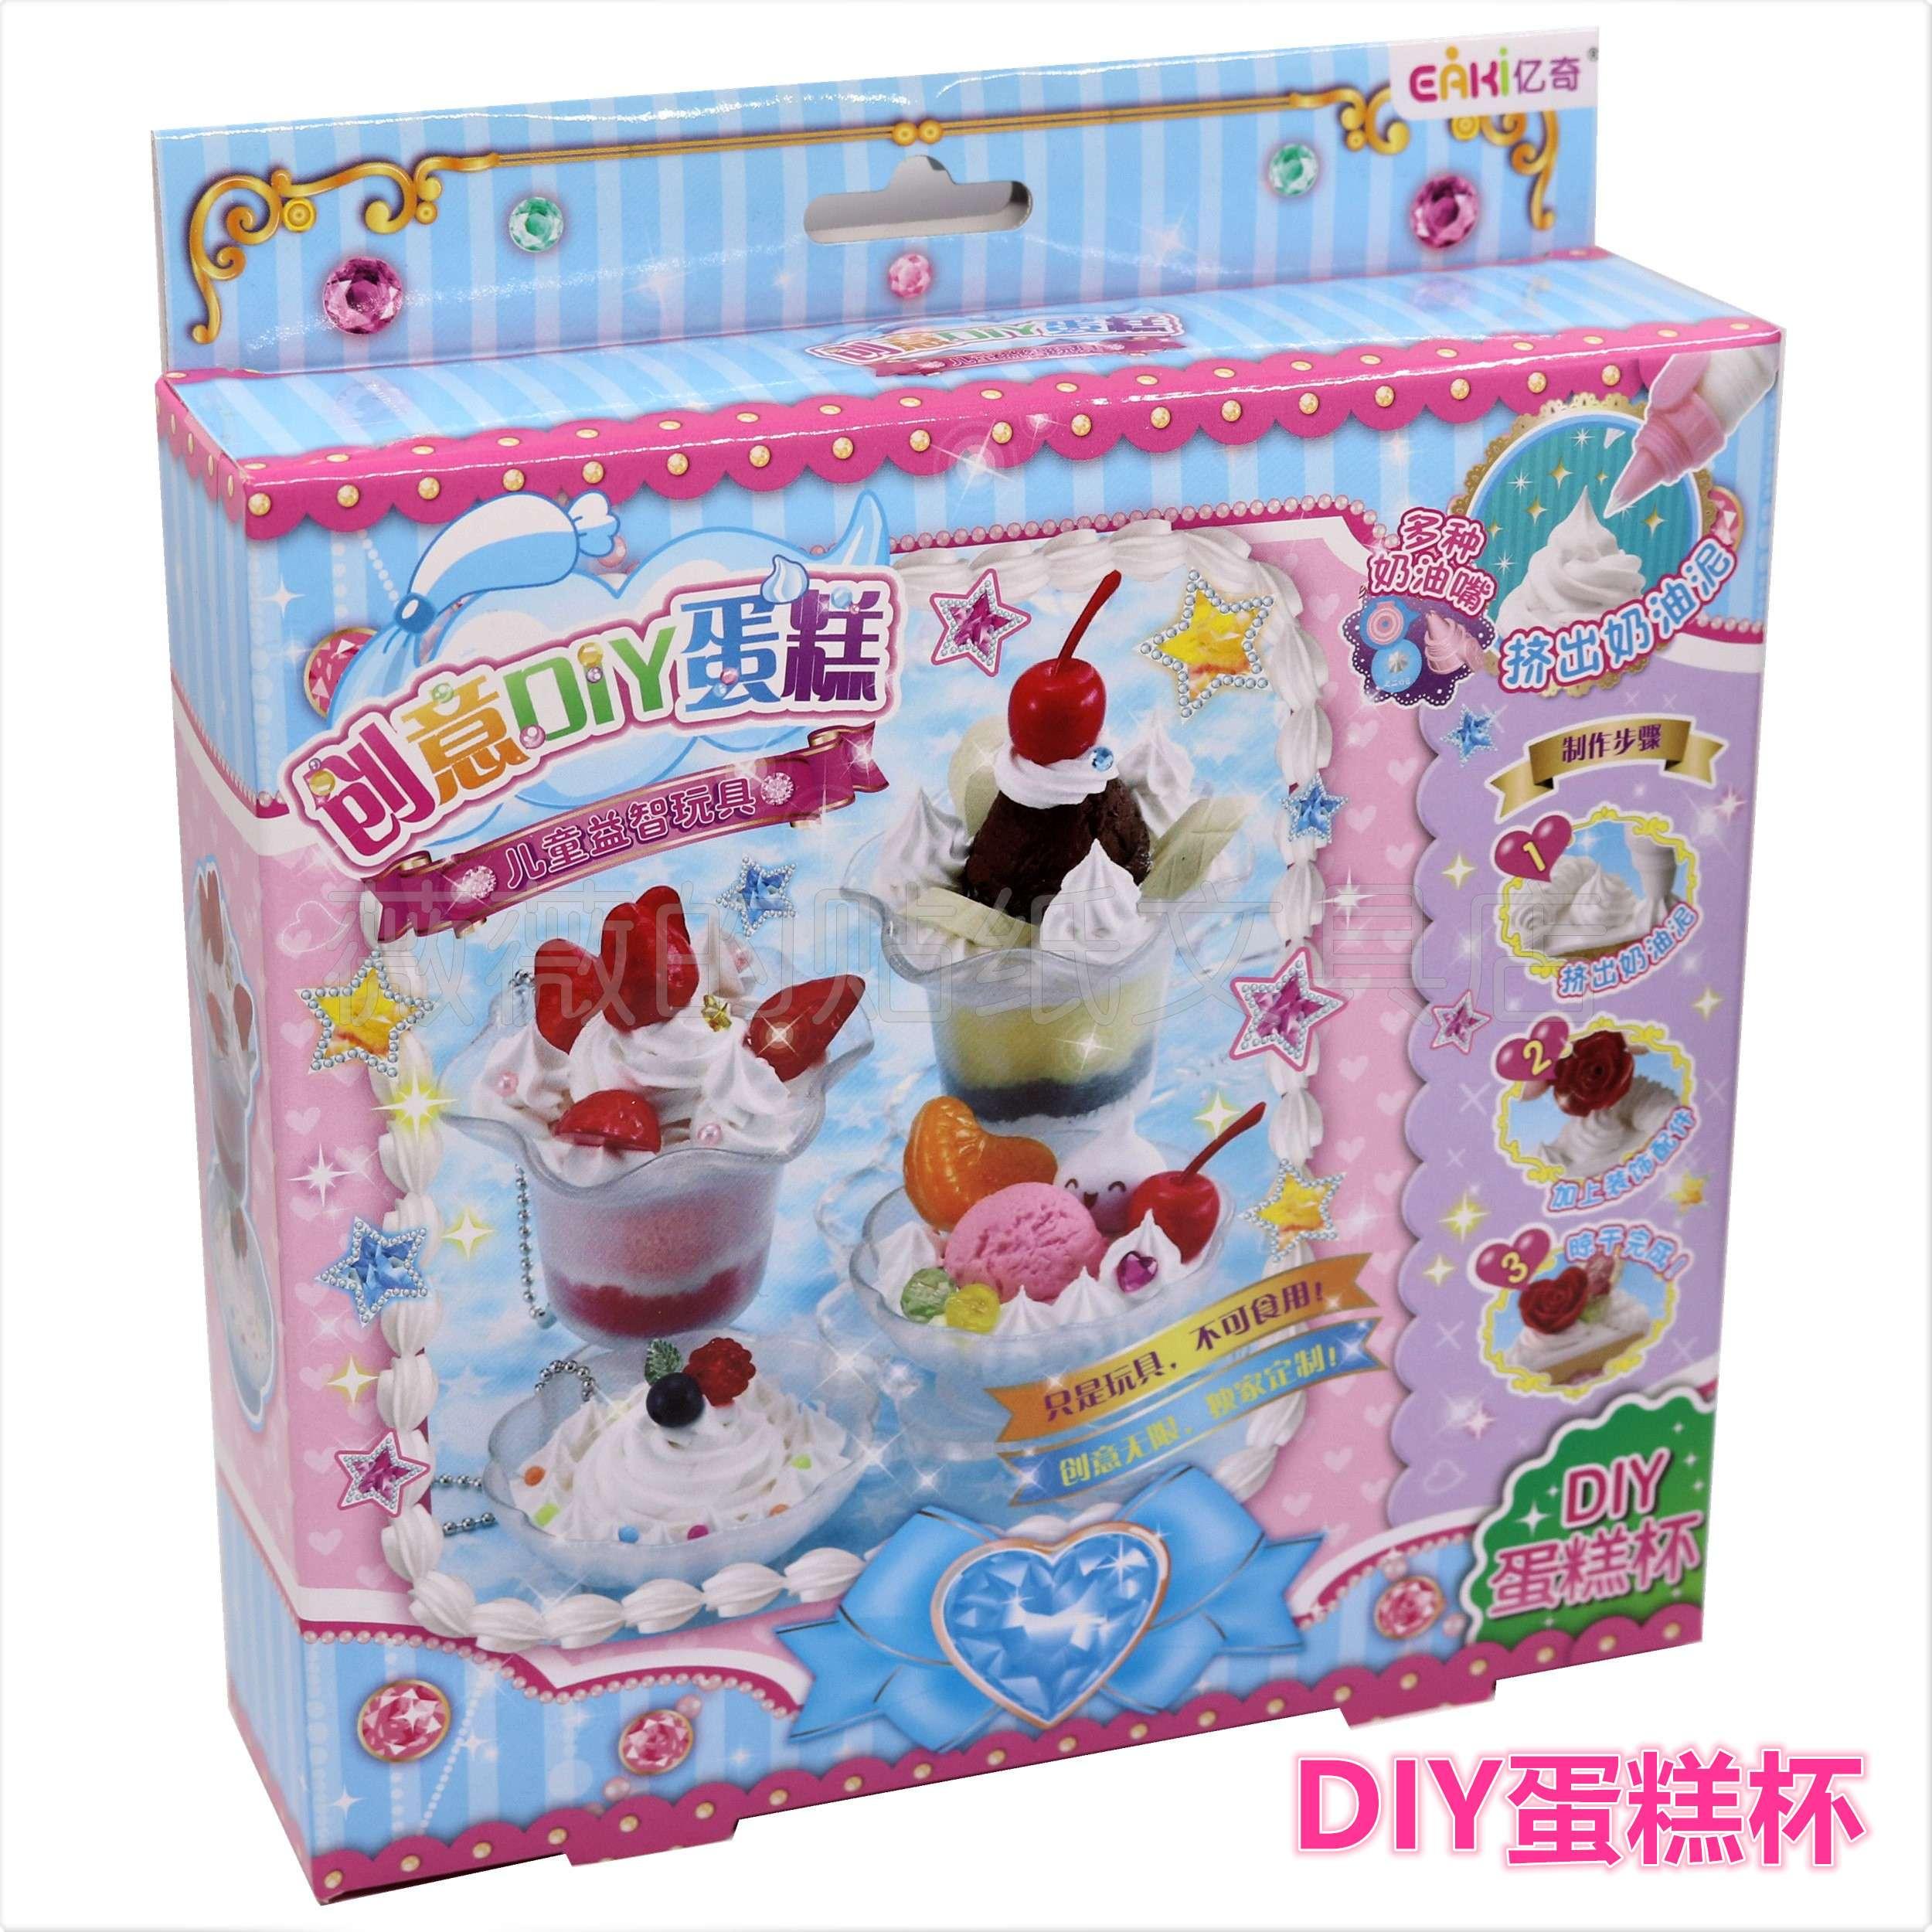 Творческий DIY миндальное печенье торт малый кубок десерт установите моделирование крем грязь головоломка игрушка детей руки работы линии производства